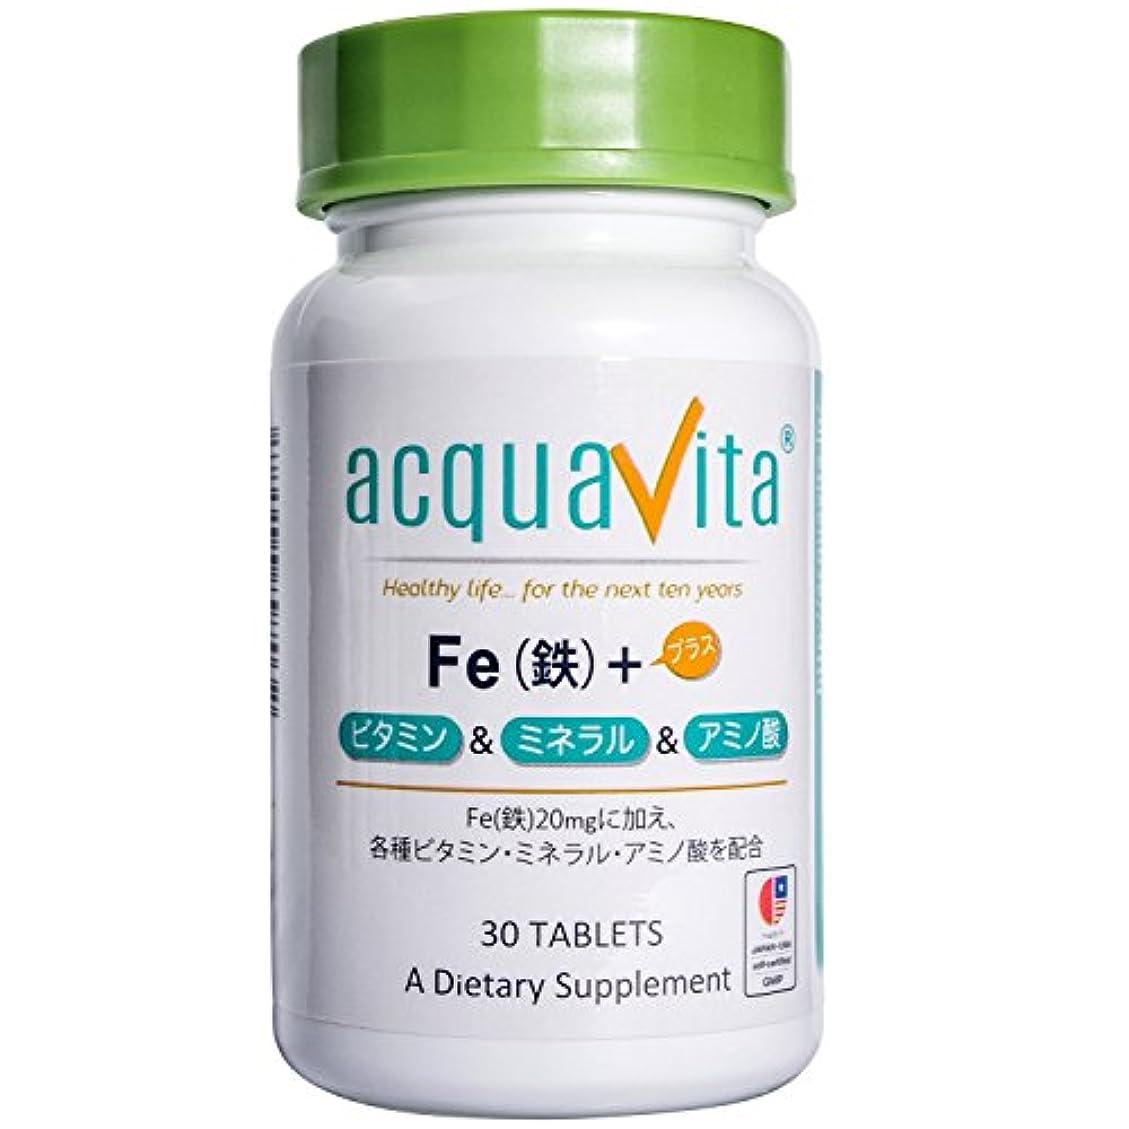 ユーモラス買い物に行く解決するacquavita(アクアヴィータ) Fe(鉄)+ビタミン?ミネラル?アミノ酸 30粒